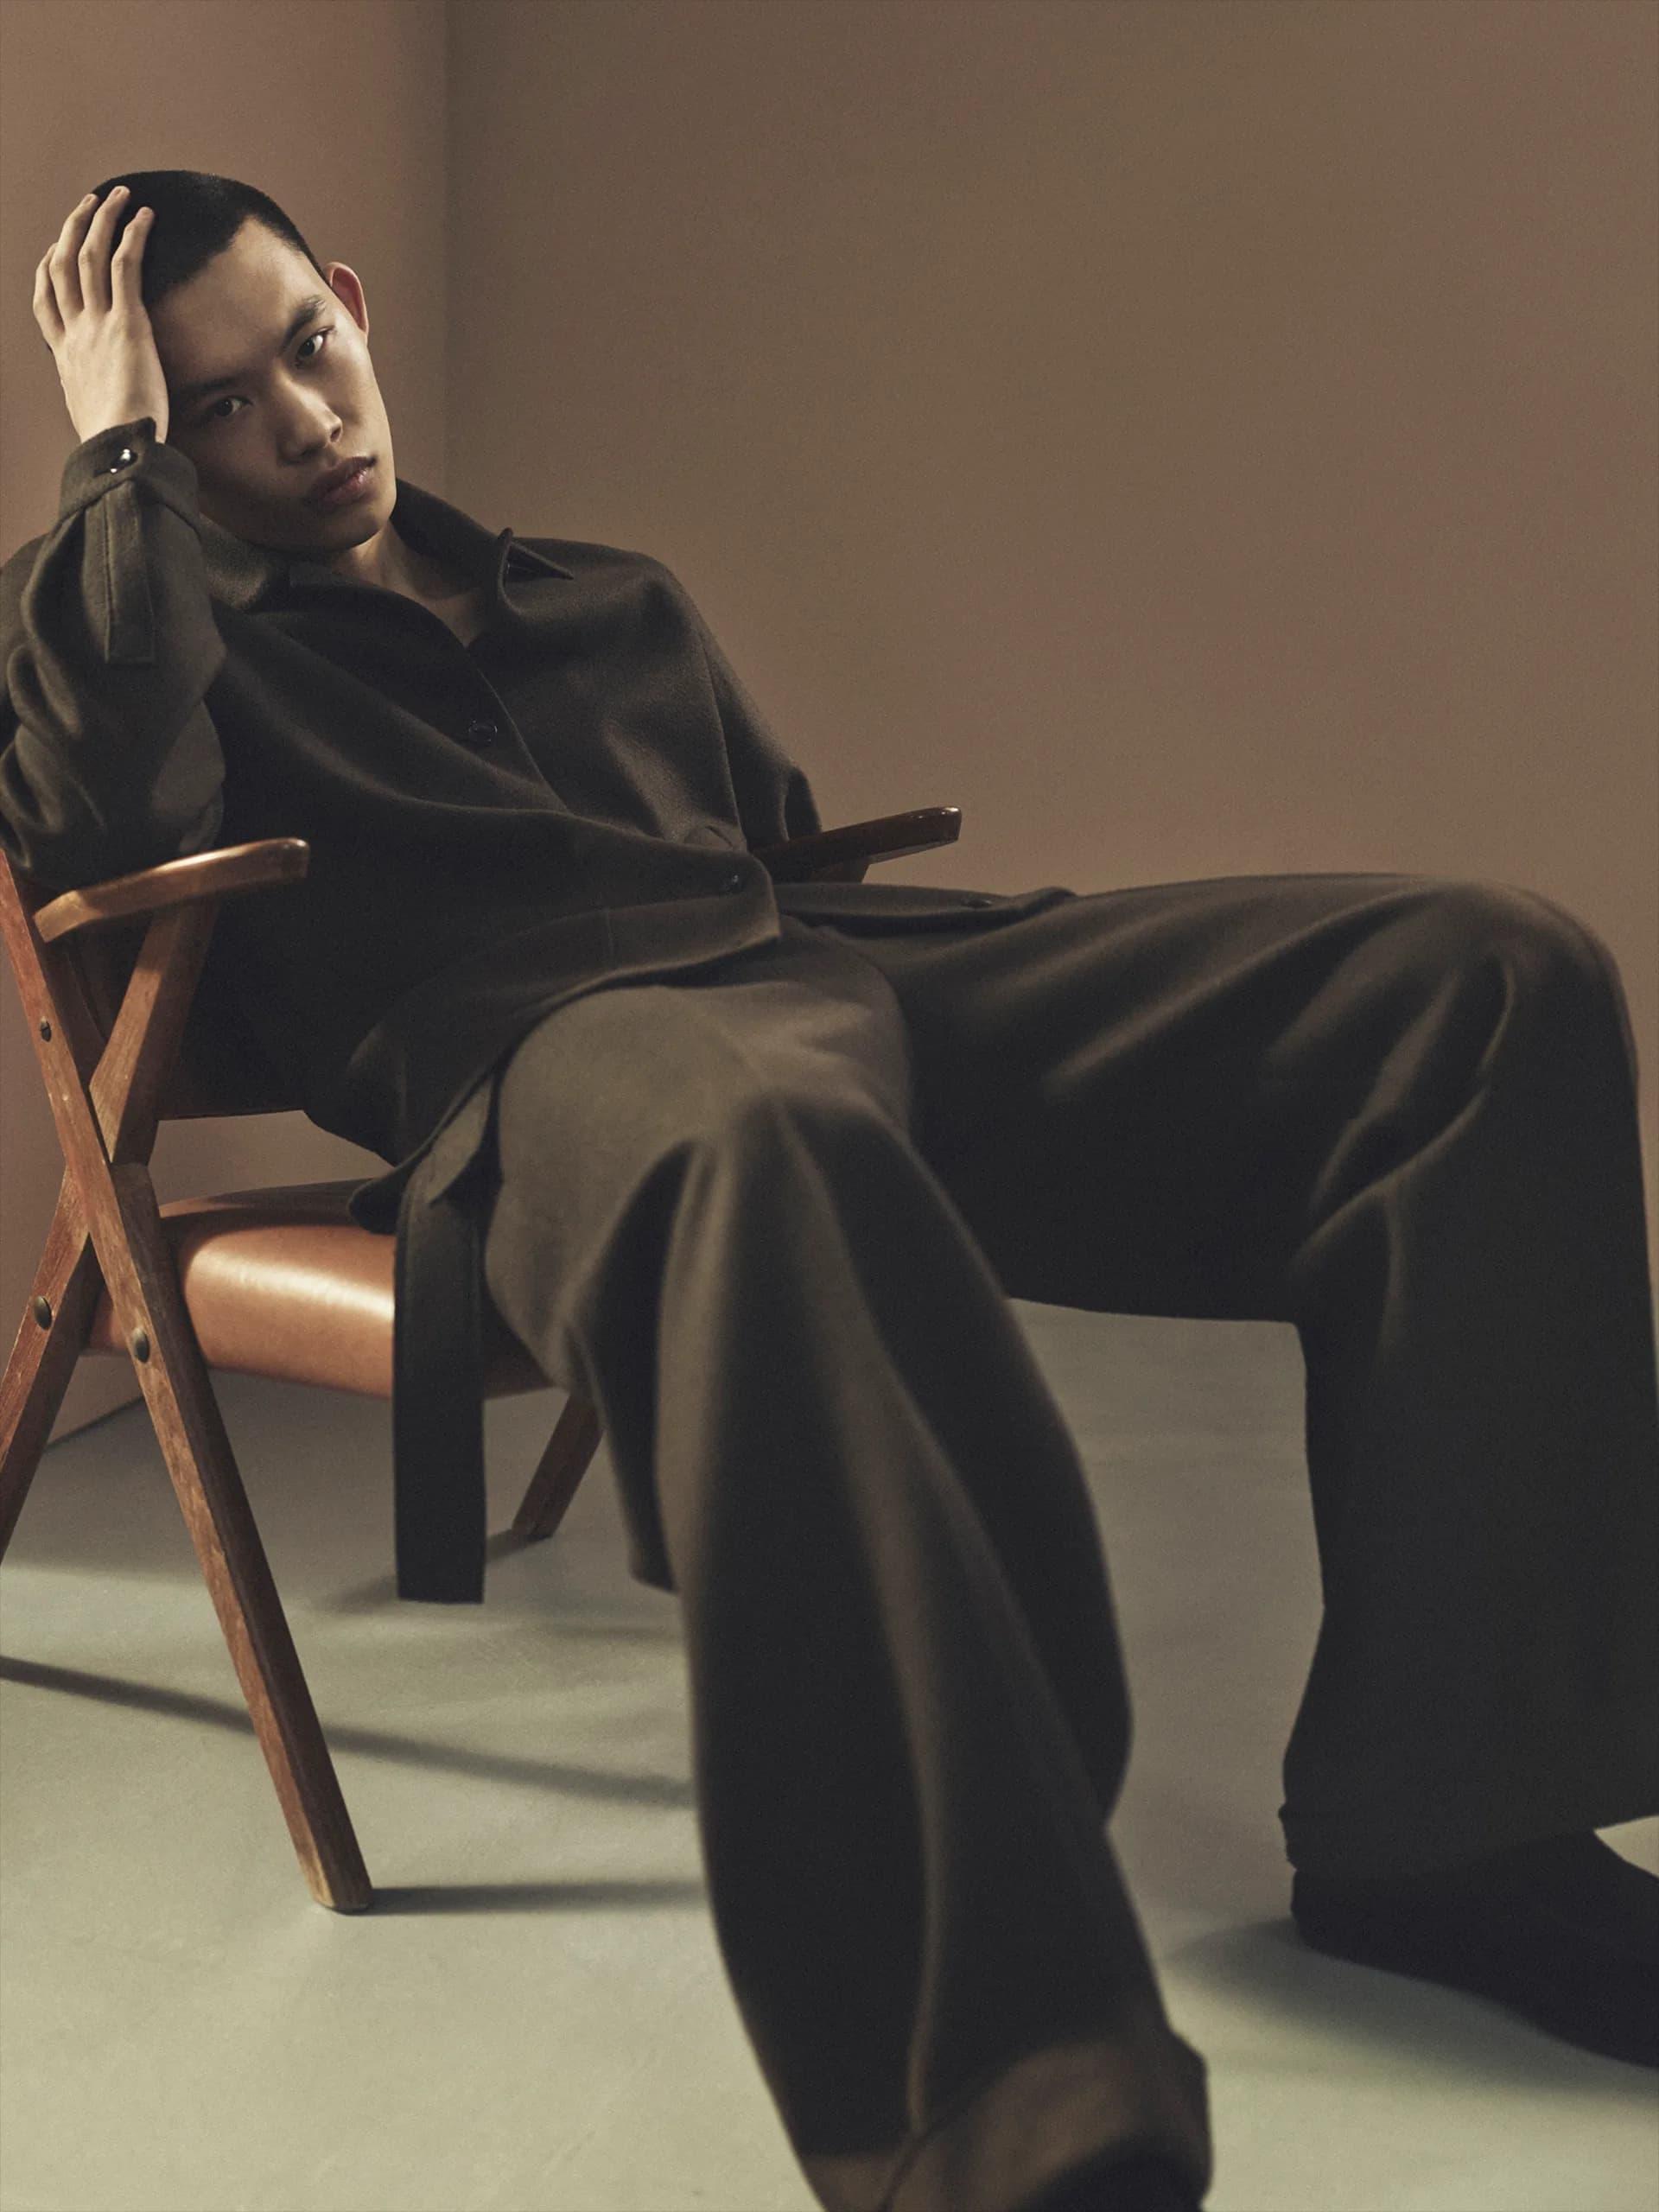 Zegna lanzó su colección invierno 2022 para hombres